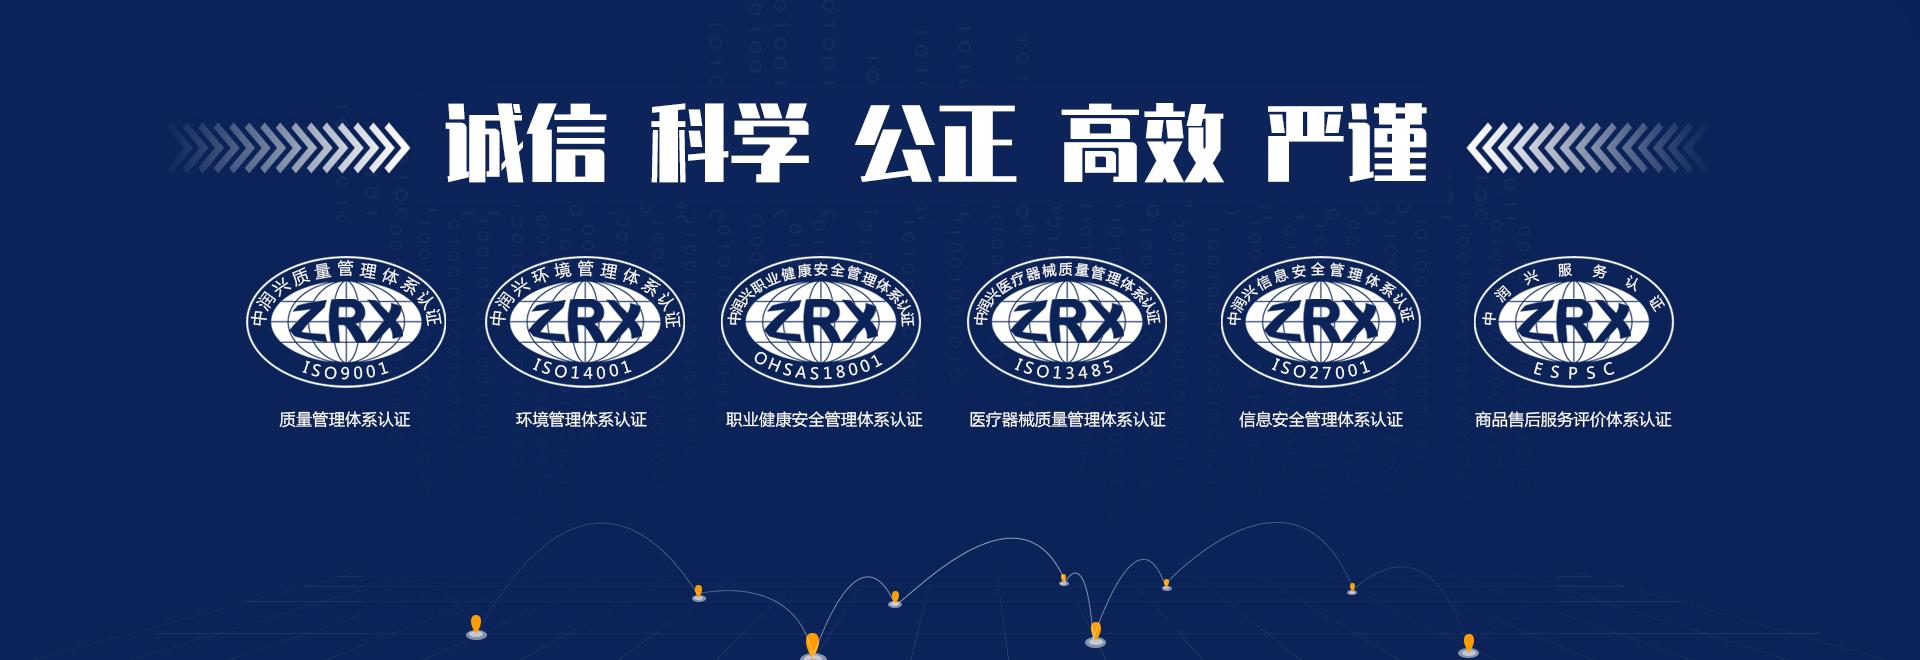 青岛ISO9000认证